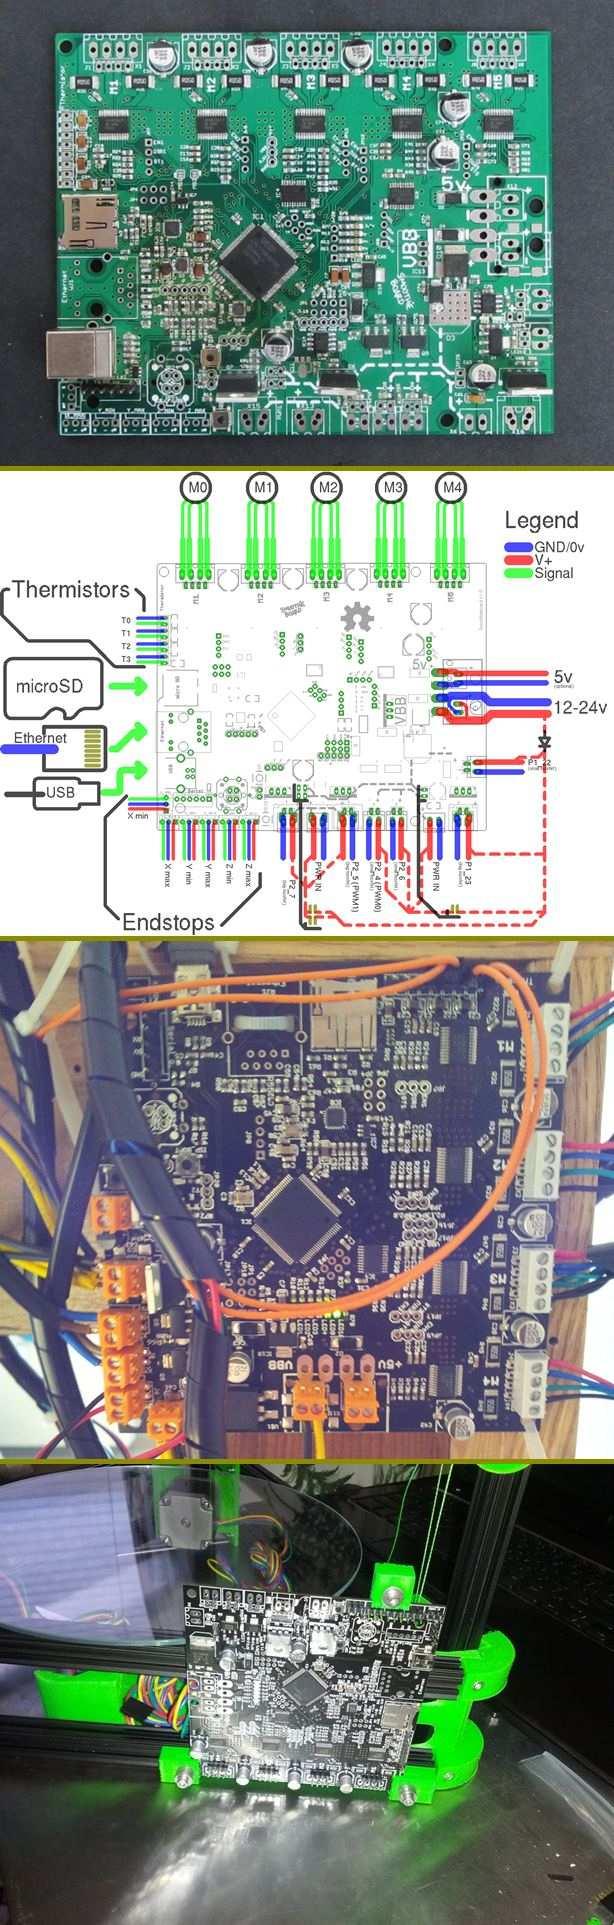 lpc1768-arm-cnc-usb-cnc-3d-cnc-lazer-cnc-arm-projeleri-cnc-projesi